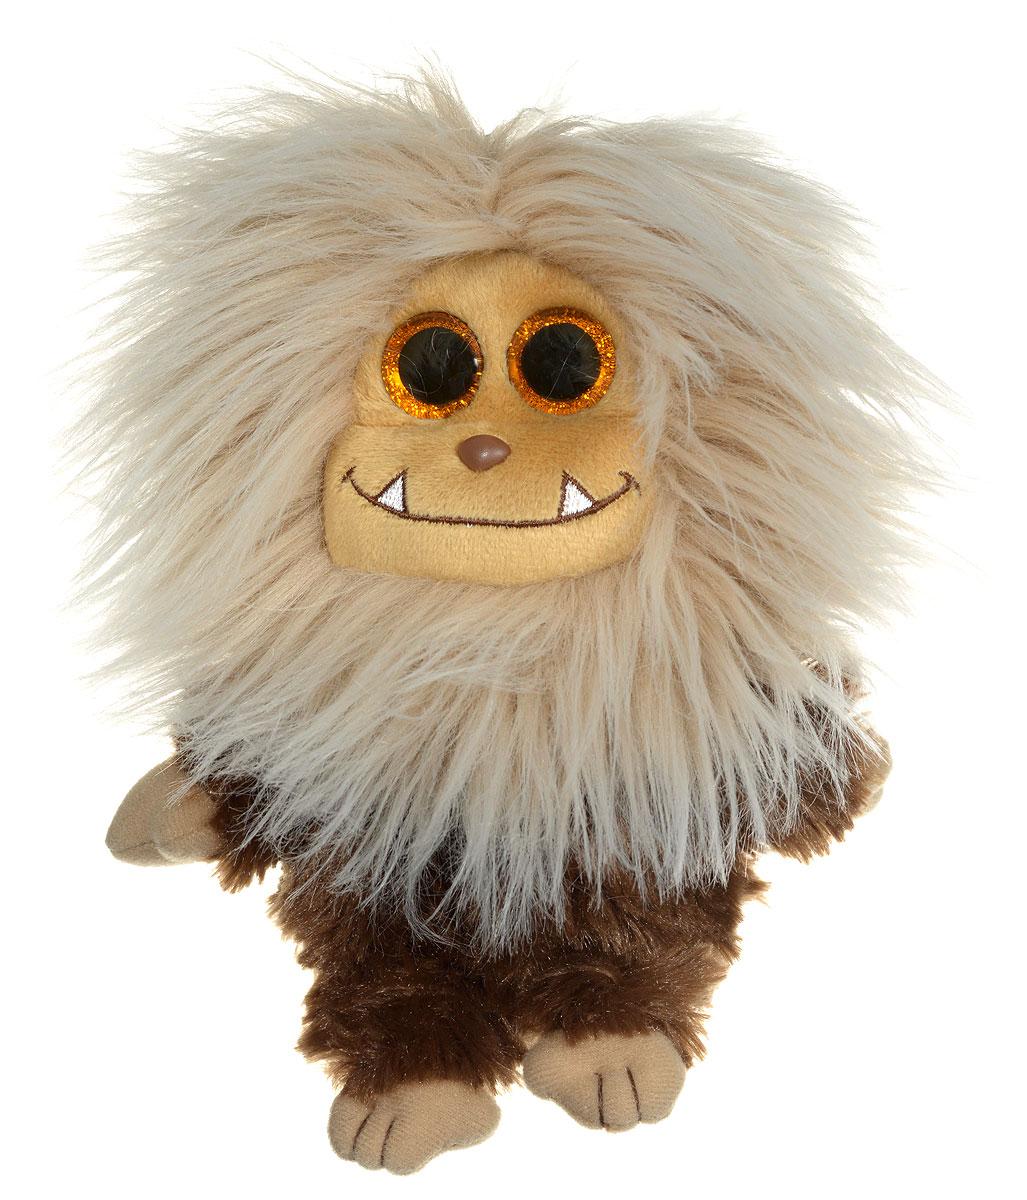 TY Мягкая игрушка Домовенок Zinger 15 см37130пцМягкая игрушка TY Домовенок Zinger не оставит вас равнодушным и вызовет улыбку у каждого, кто ее увидит. Игрушка выполнена в виде забавного домовенка с большими блестящими глазками. Изделие изготовлено из приятных на ощупь и очень мягких материалов, безвредных для малыша. С такой забавной игрушкой можно смело засыпать в кроватке или отправляться на прогулку. Специальные гранулы, используемые при ее набивке, способствуют развитию мелкой моторики рук малыша.